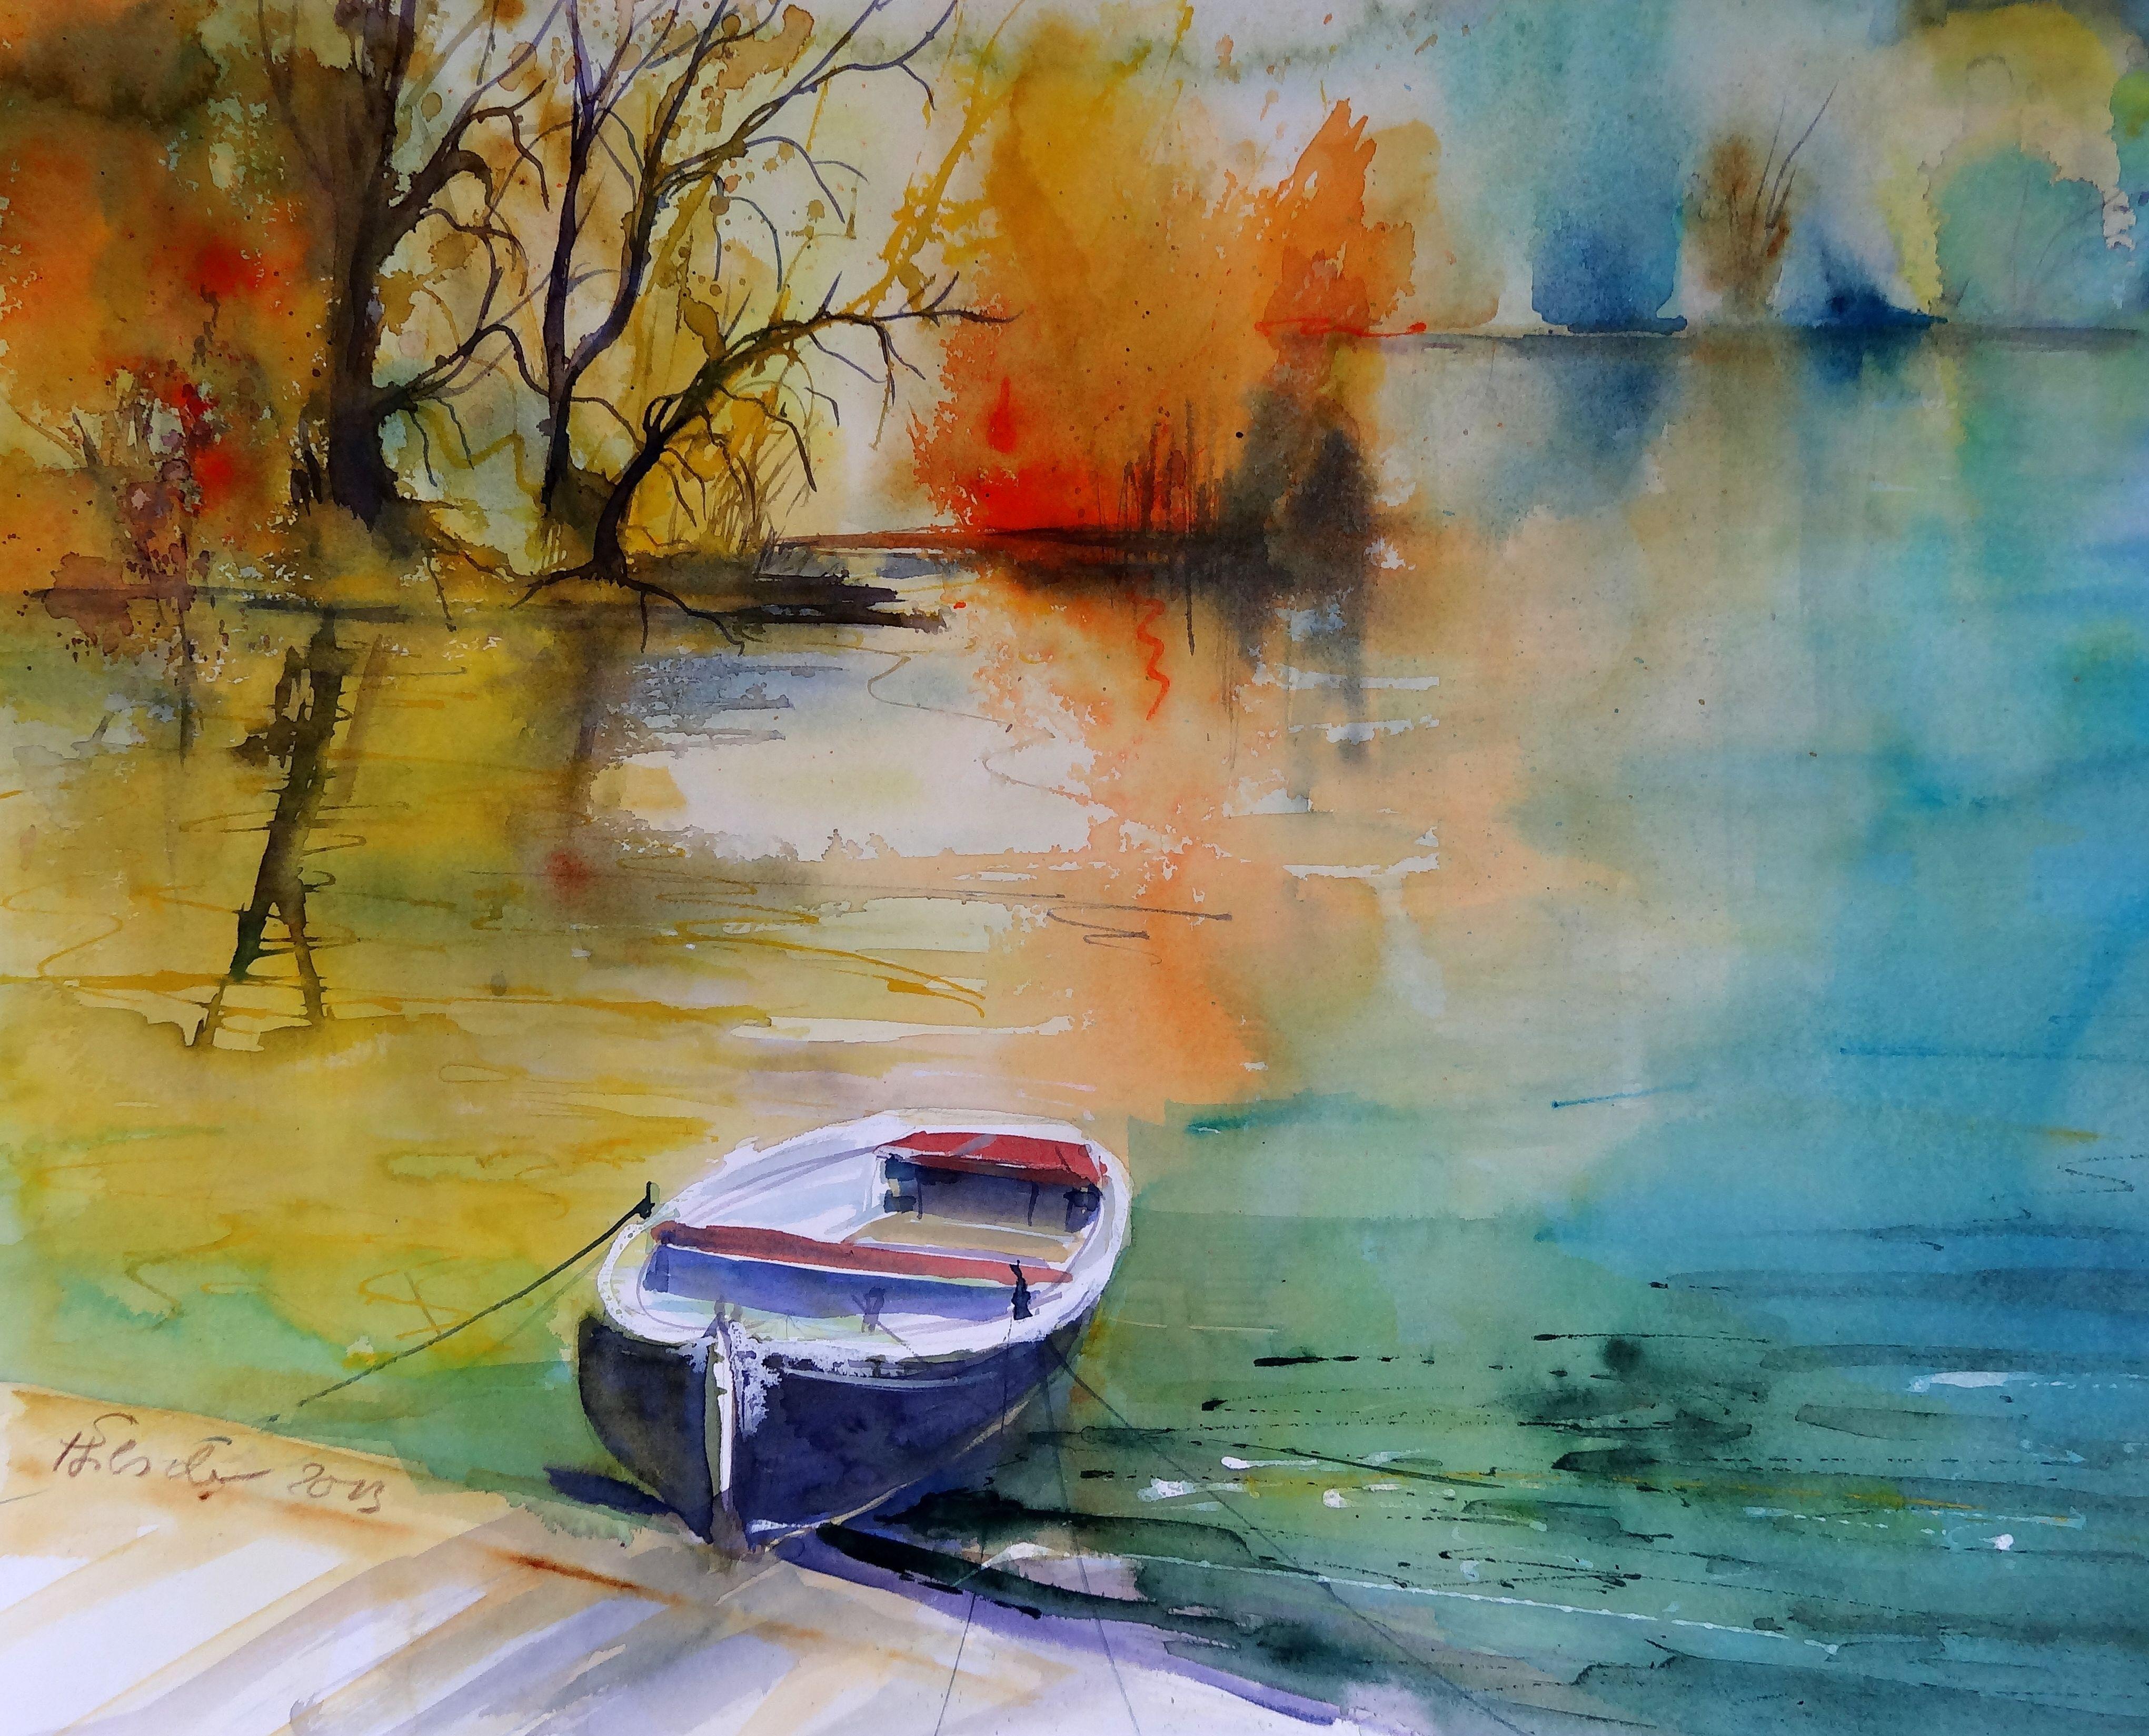 Ruhige Zeit Watercolor Sabine Hilscher Aquarelllmalerei